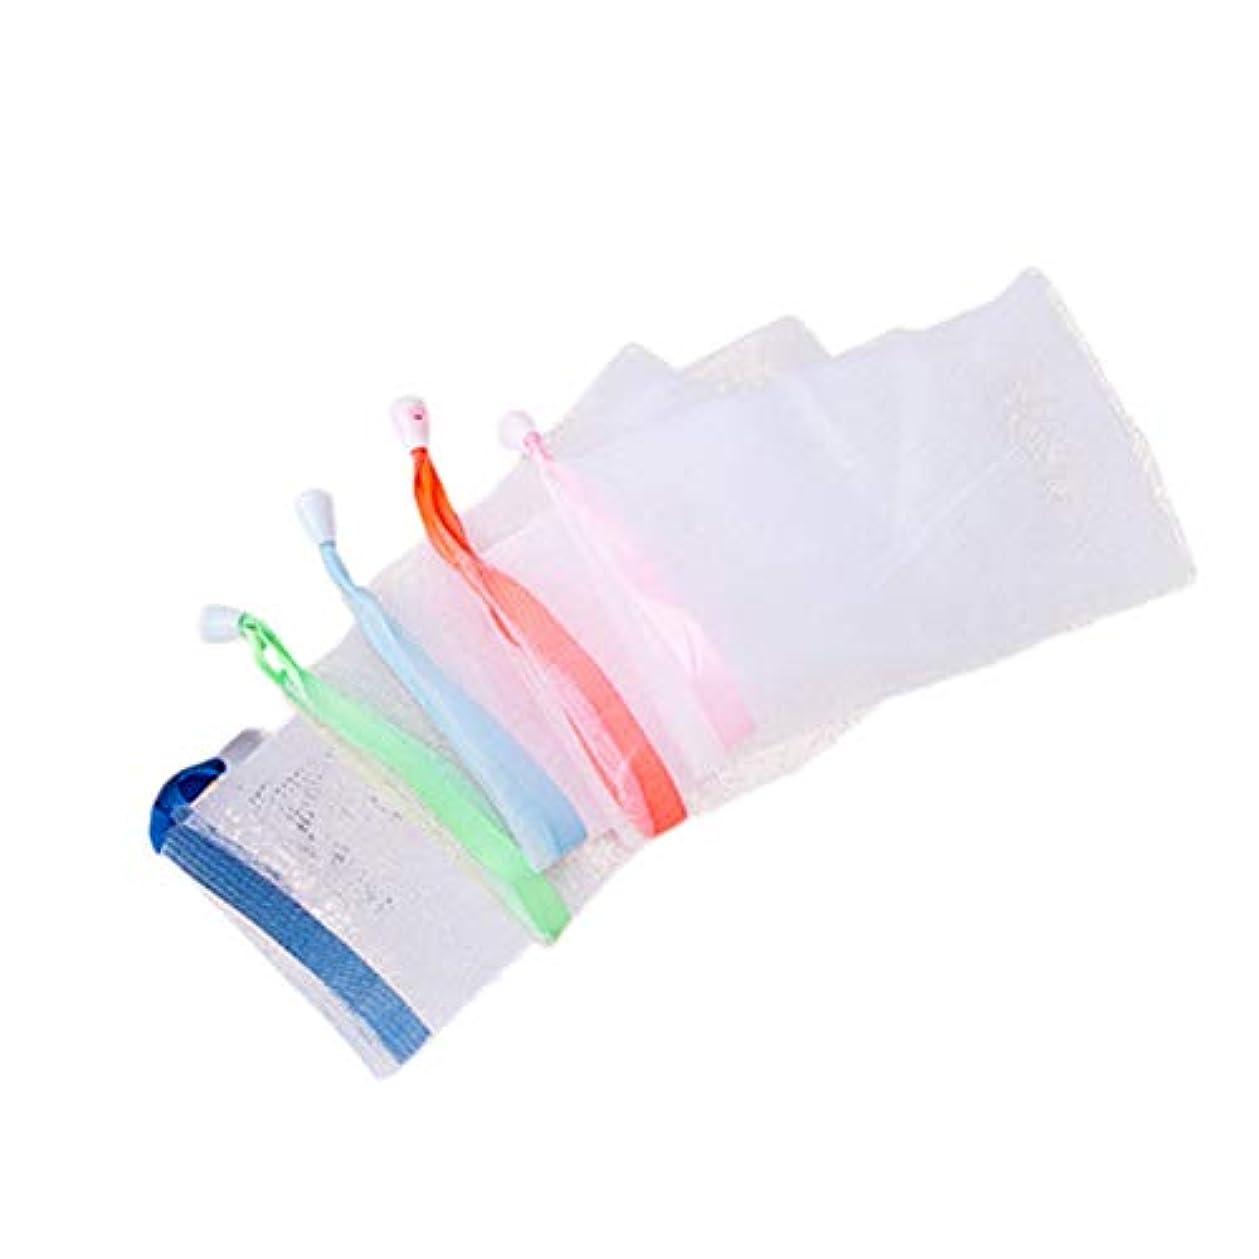 男性役割会計士HEALIFTY 9pcsを洗う表面のための多彩な石鹸袋の泡立つ純袋の石鹸の泡ネット袋